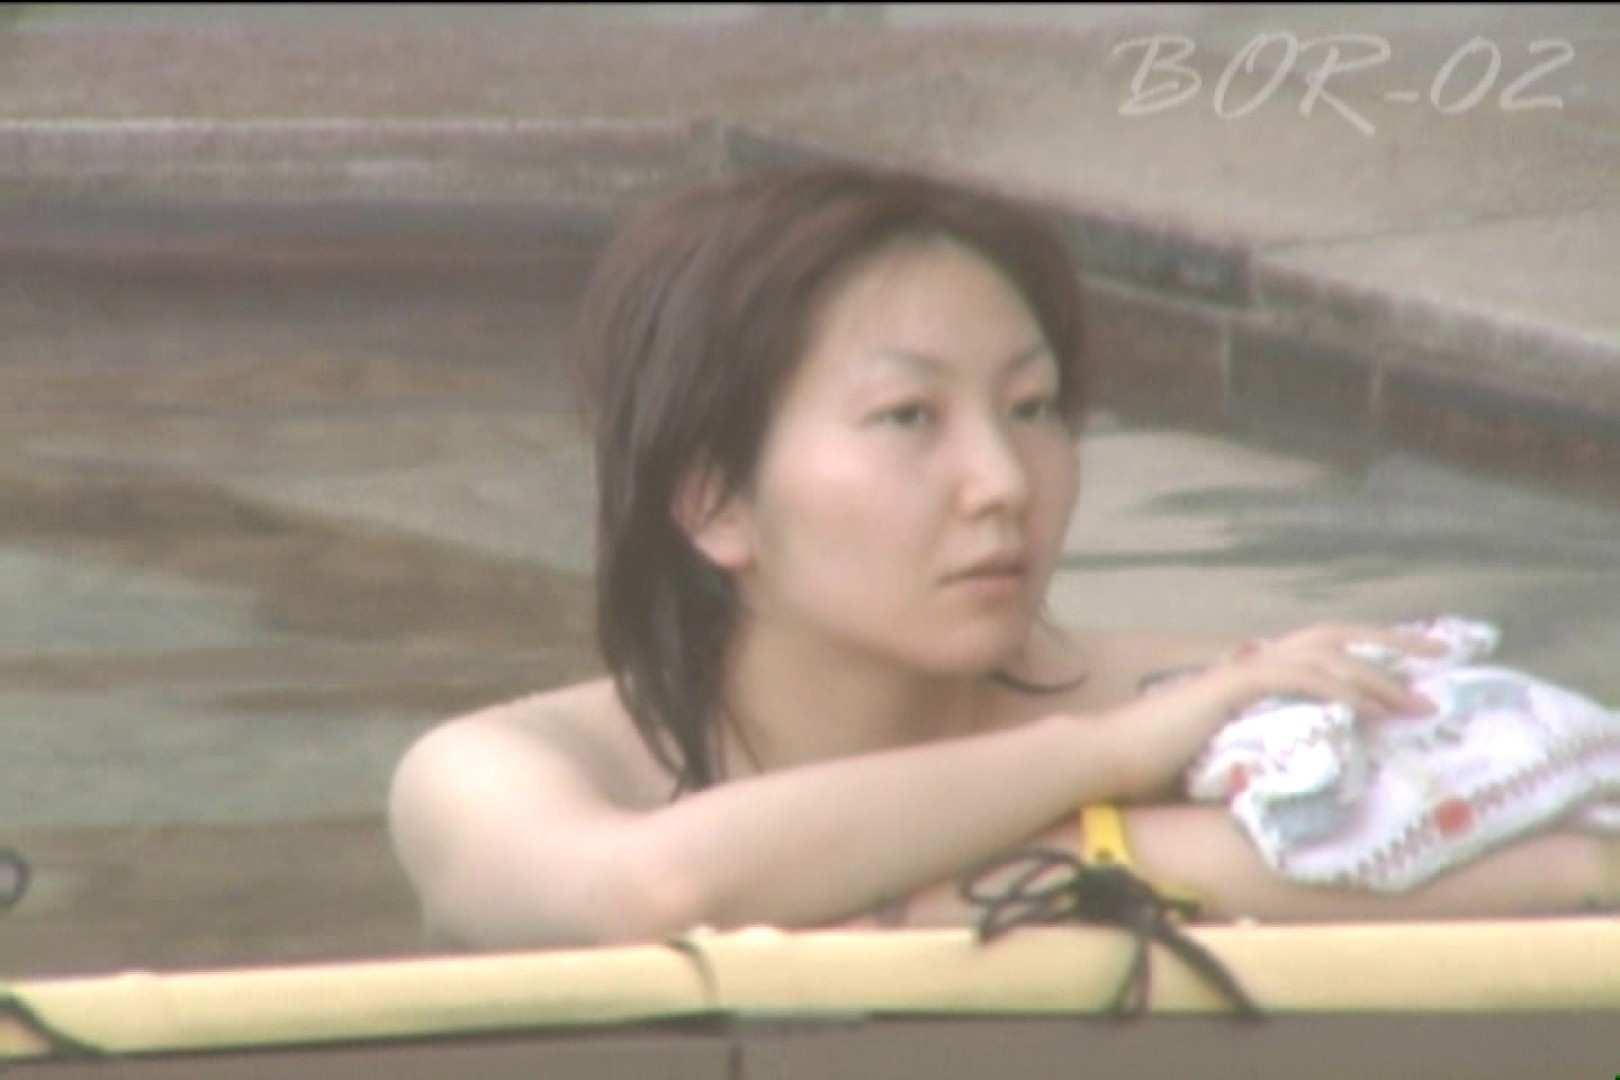 Aquaな露天風呂Vol.479 美しいOLの裸体  92pic 60